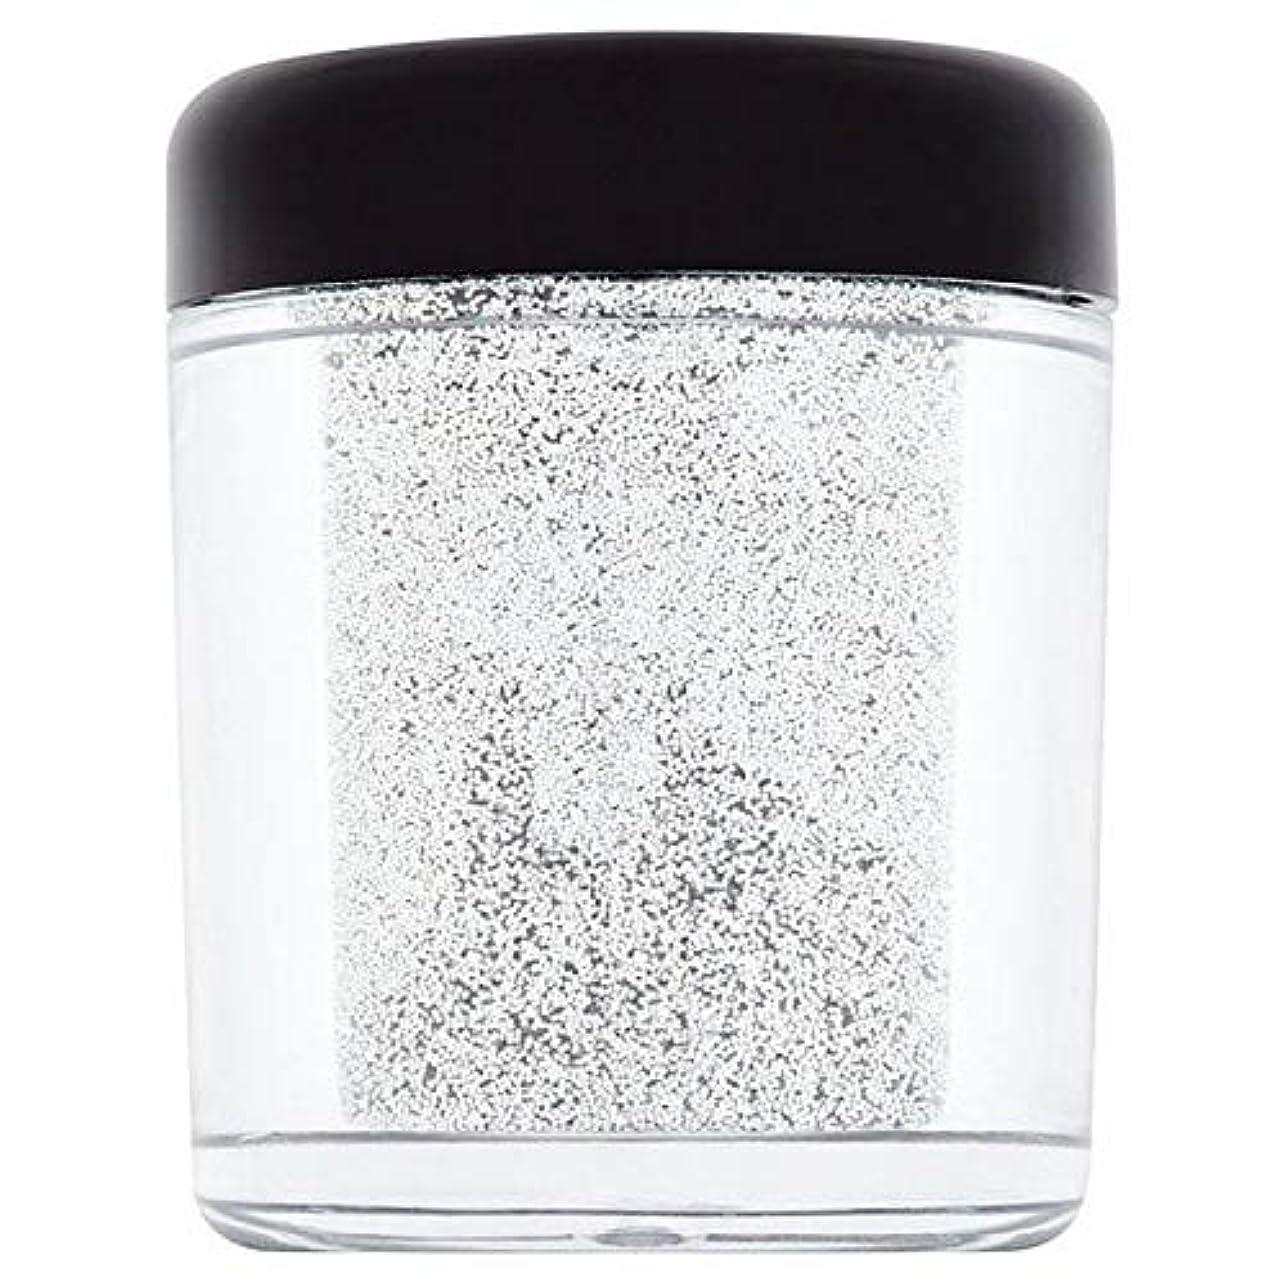 サイバースペース食欲発表する[Collection ] 天使2を回収グラムの結晶は、フェイス&ボディの輝きが落ち - Collection Glam Crystals Face & Body Glitter Fallen Angel 2 [並行輸入品]